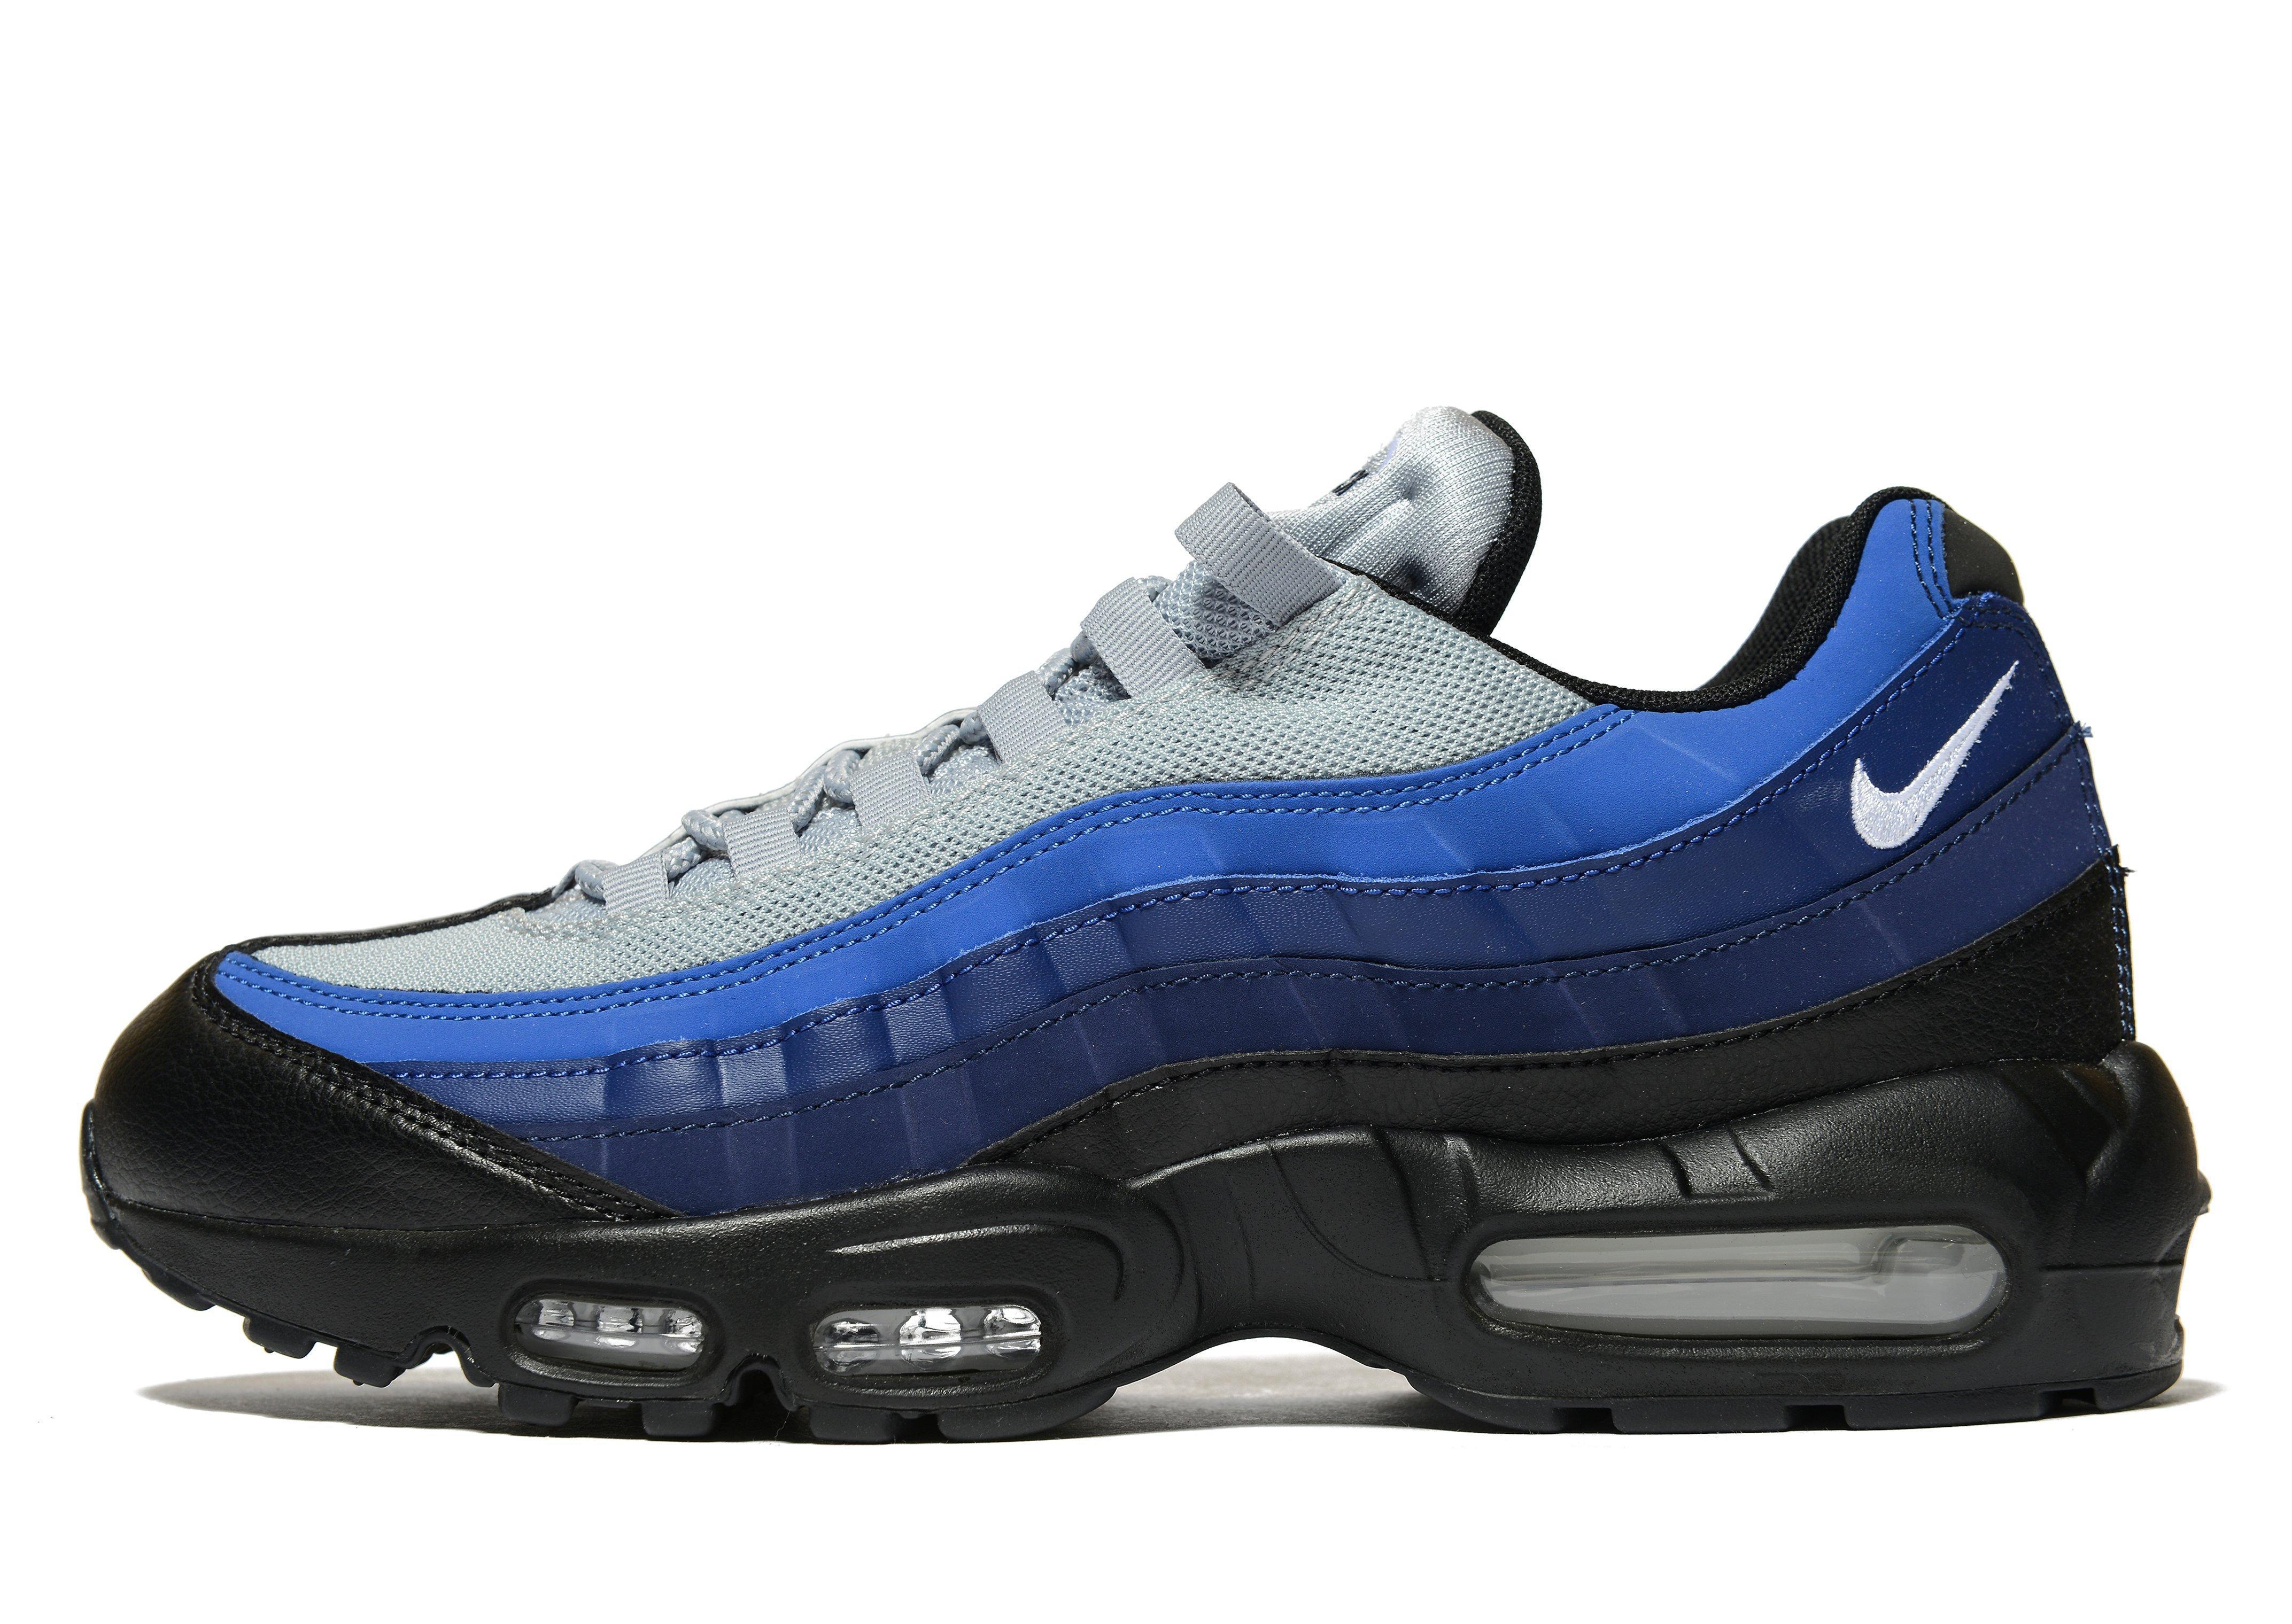 Nike Air Max Lunar Shoes